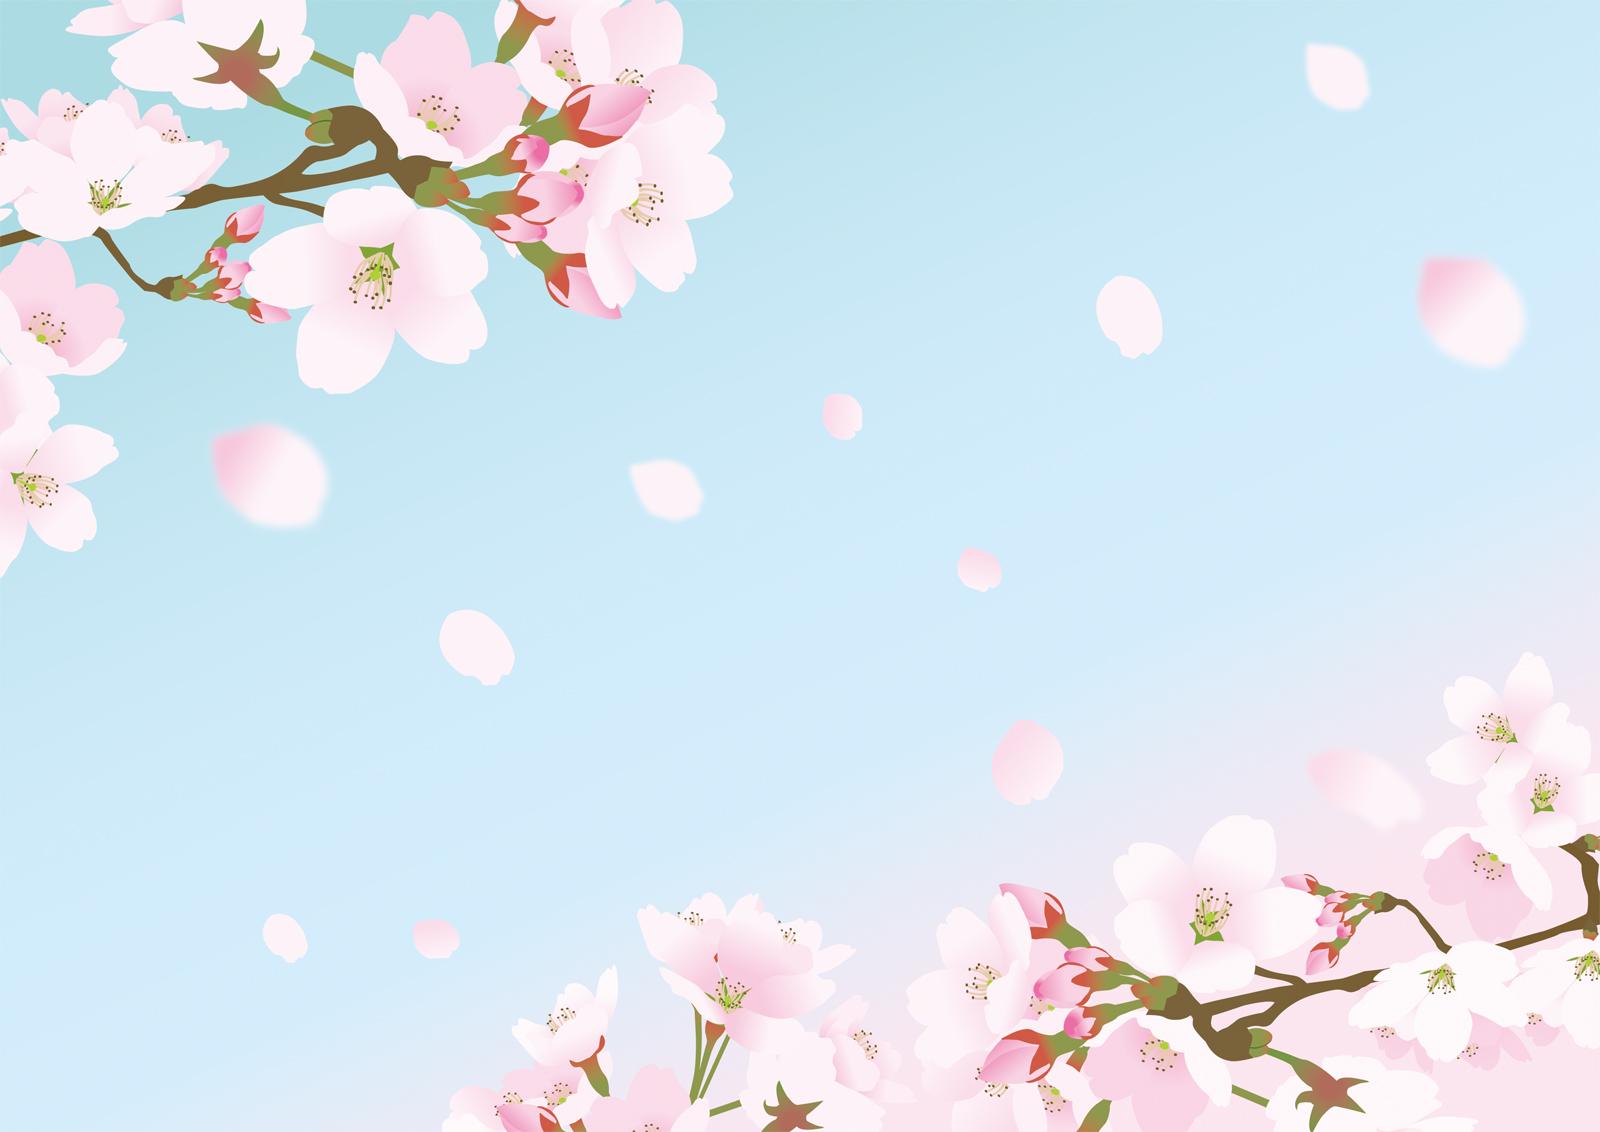 桜の花のバーチャル背景